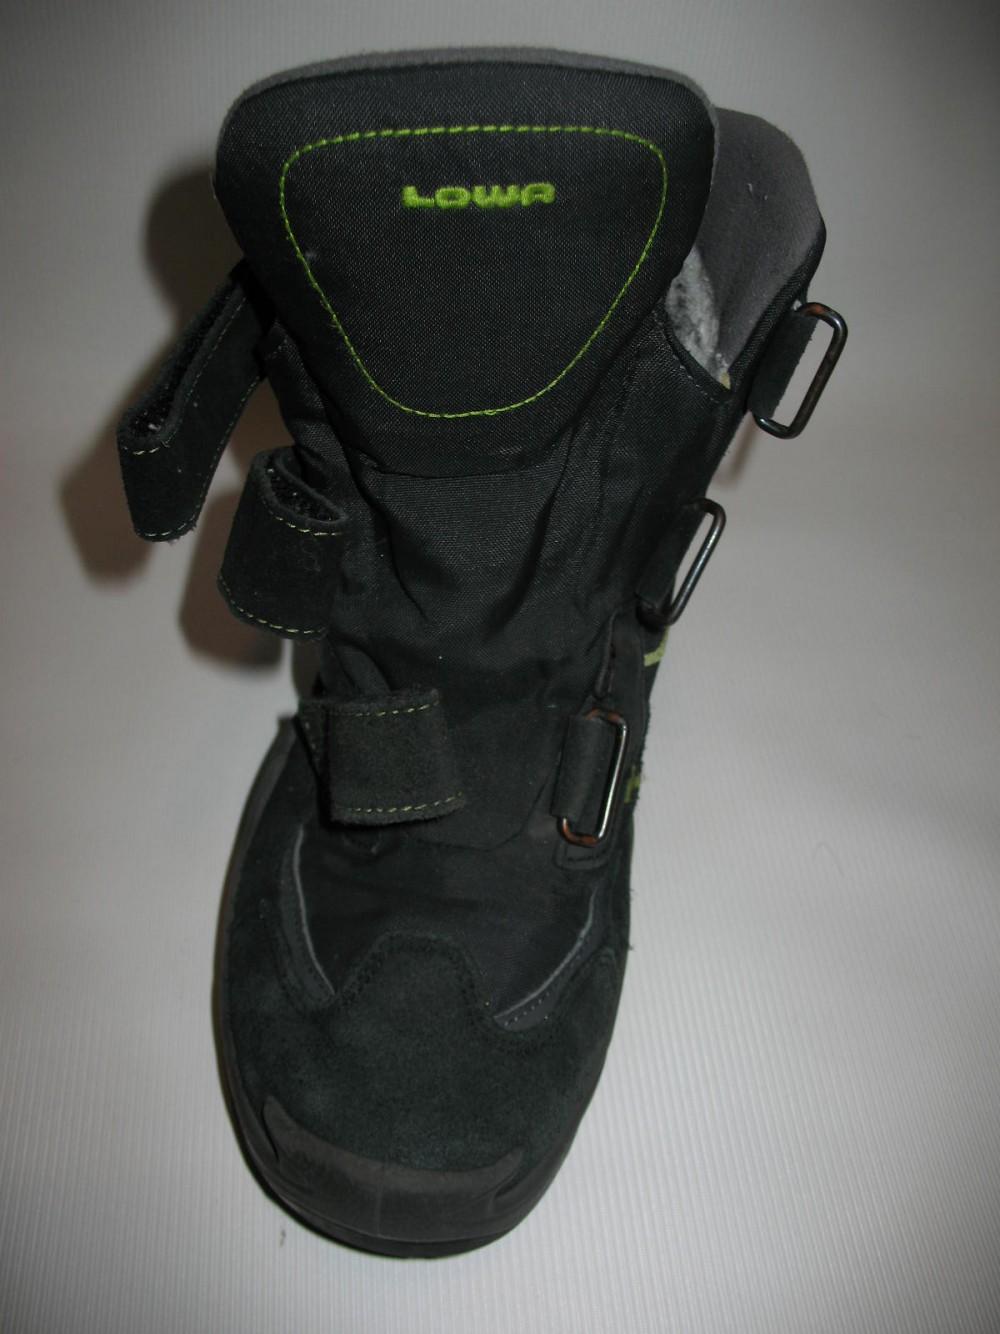 Ботинки LOWA marlon II gtx hi shoes lady (размер UK5,5;EU38,5(на стопу до 245mm)) - 5